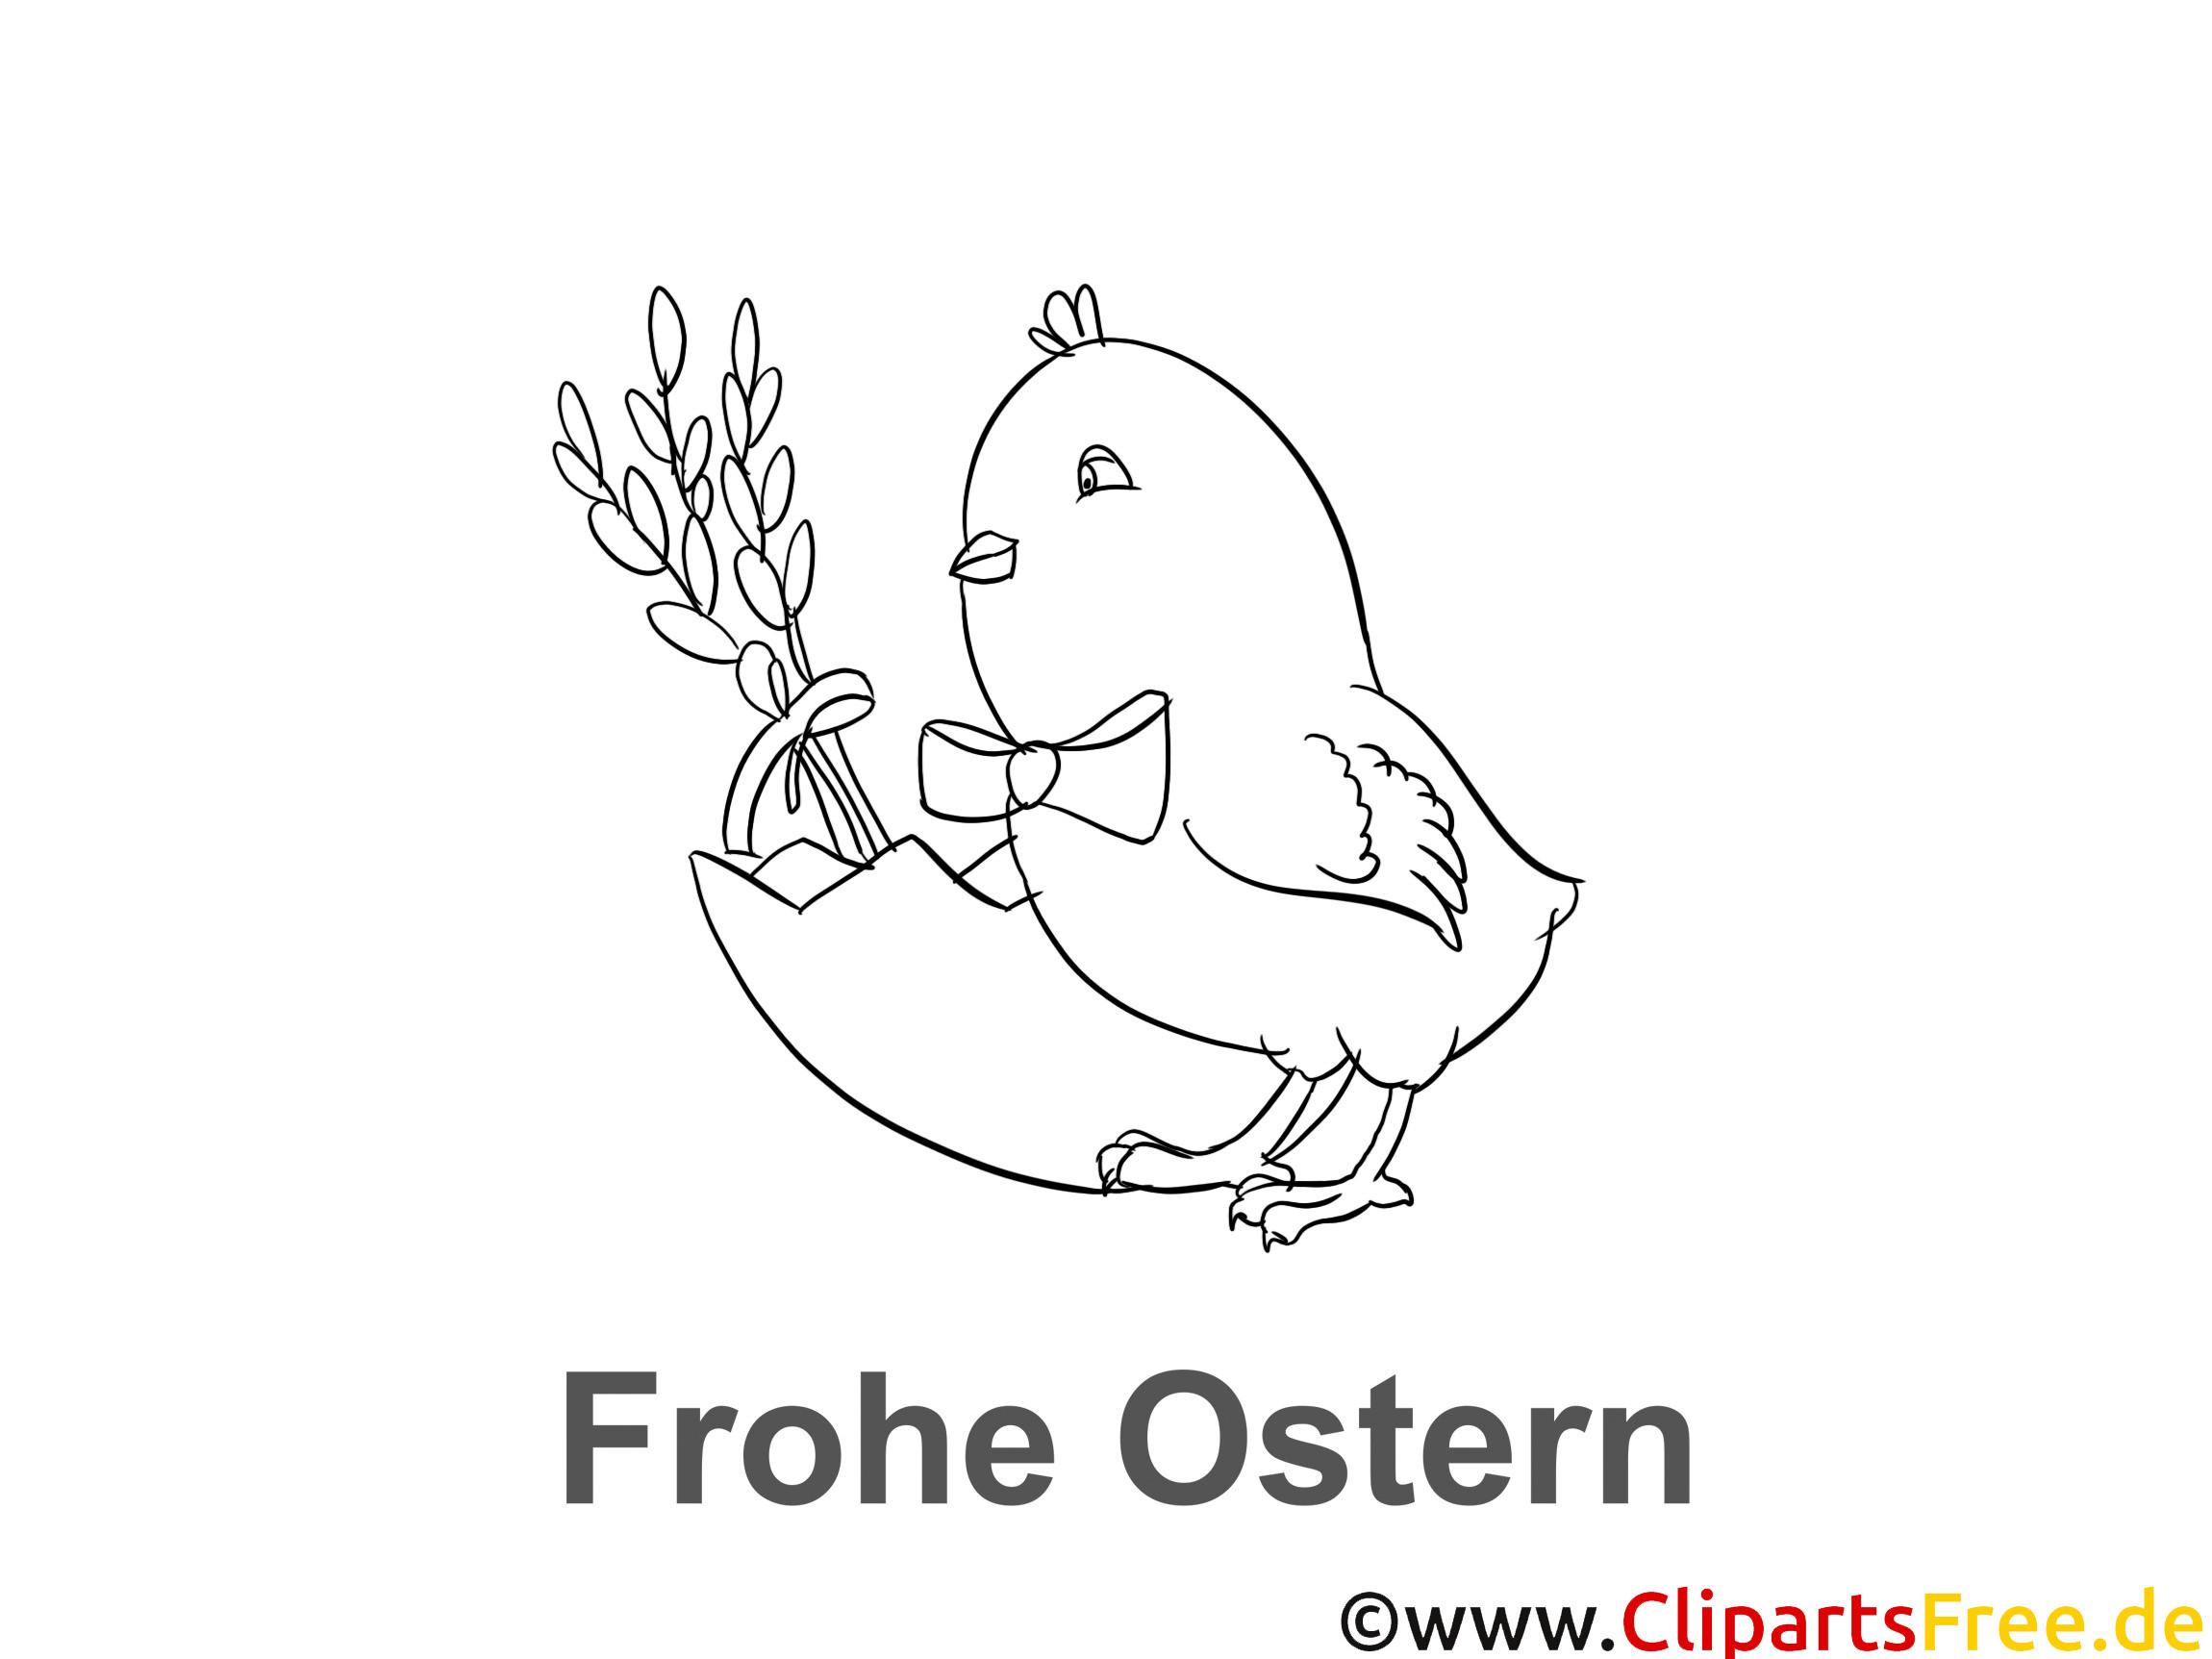 Frohe Ostern Bilder Zum Ausmalen Frisch Ausmalbilder Ostern Kostenlos Ausdrucken Elegant Frohe Ostern Sammlung